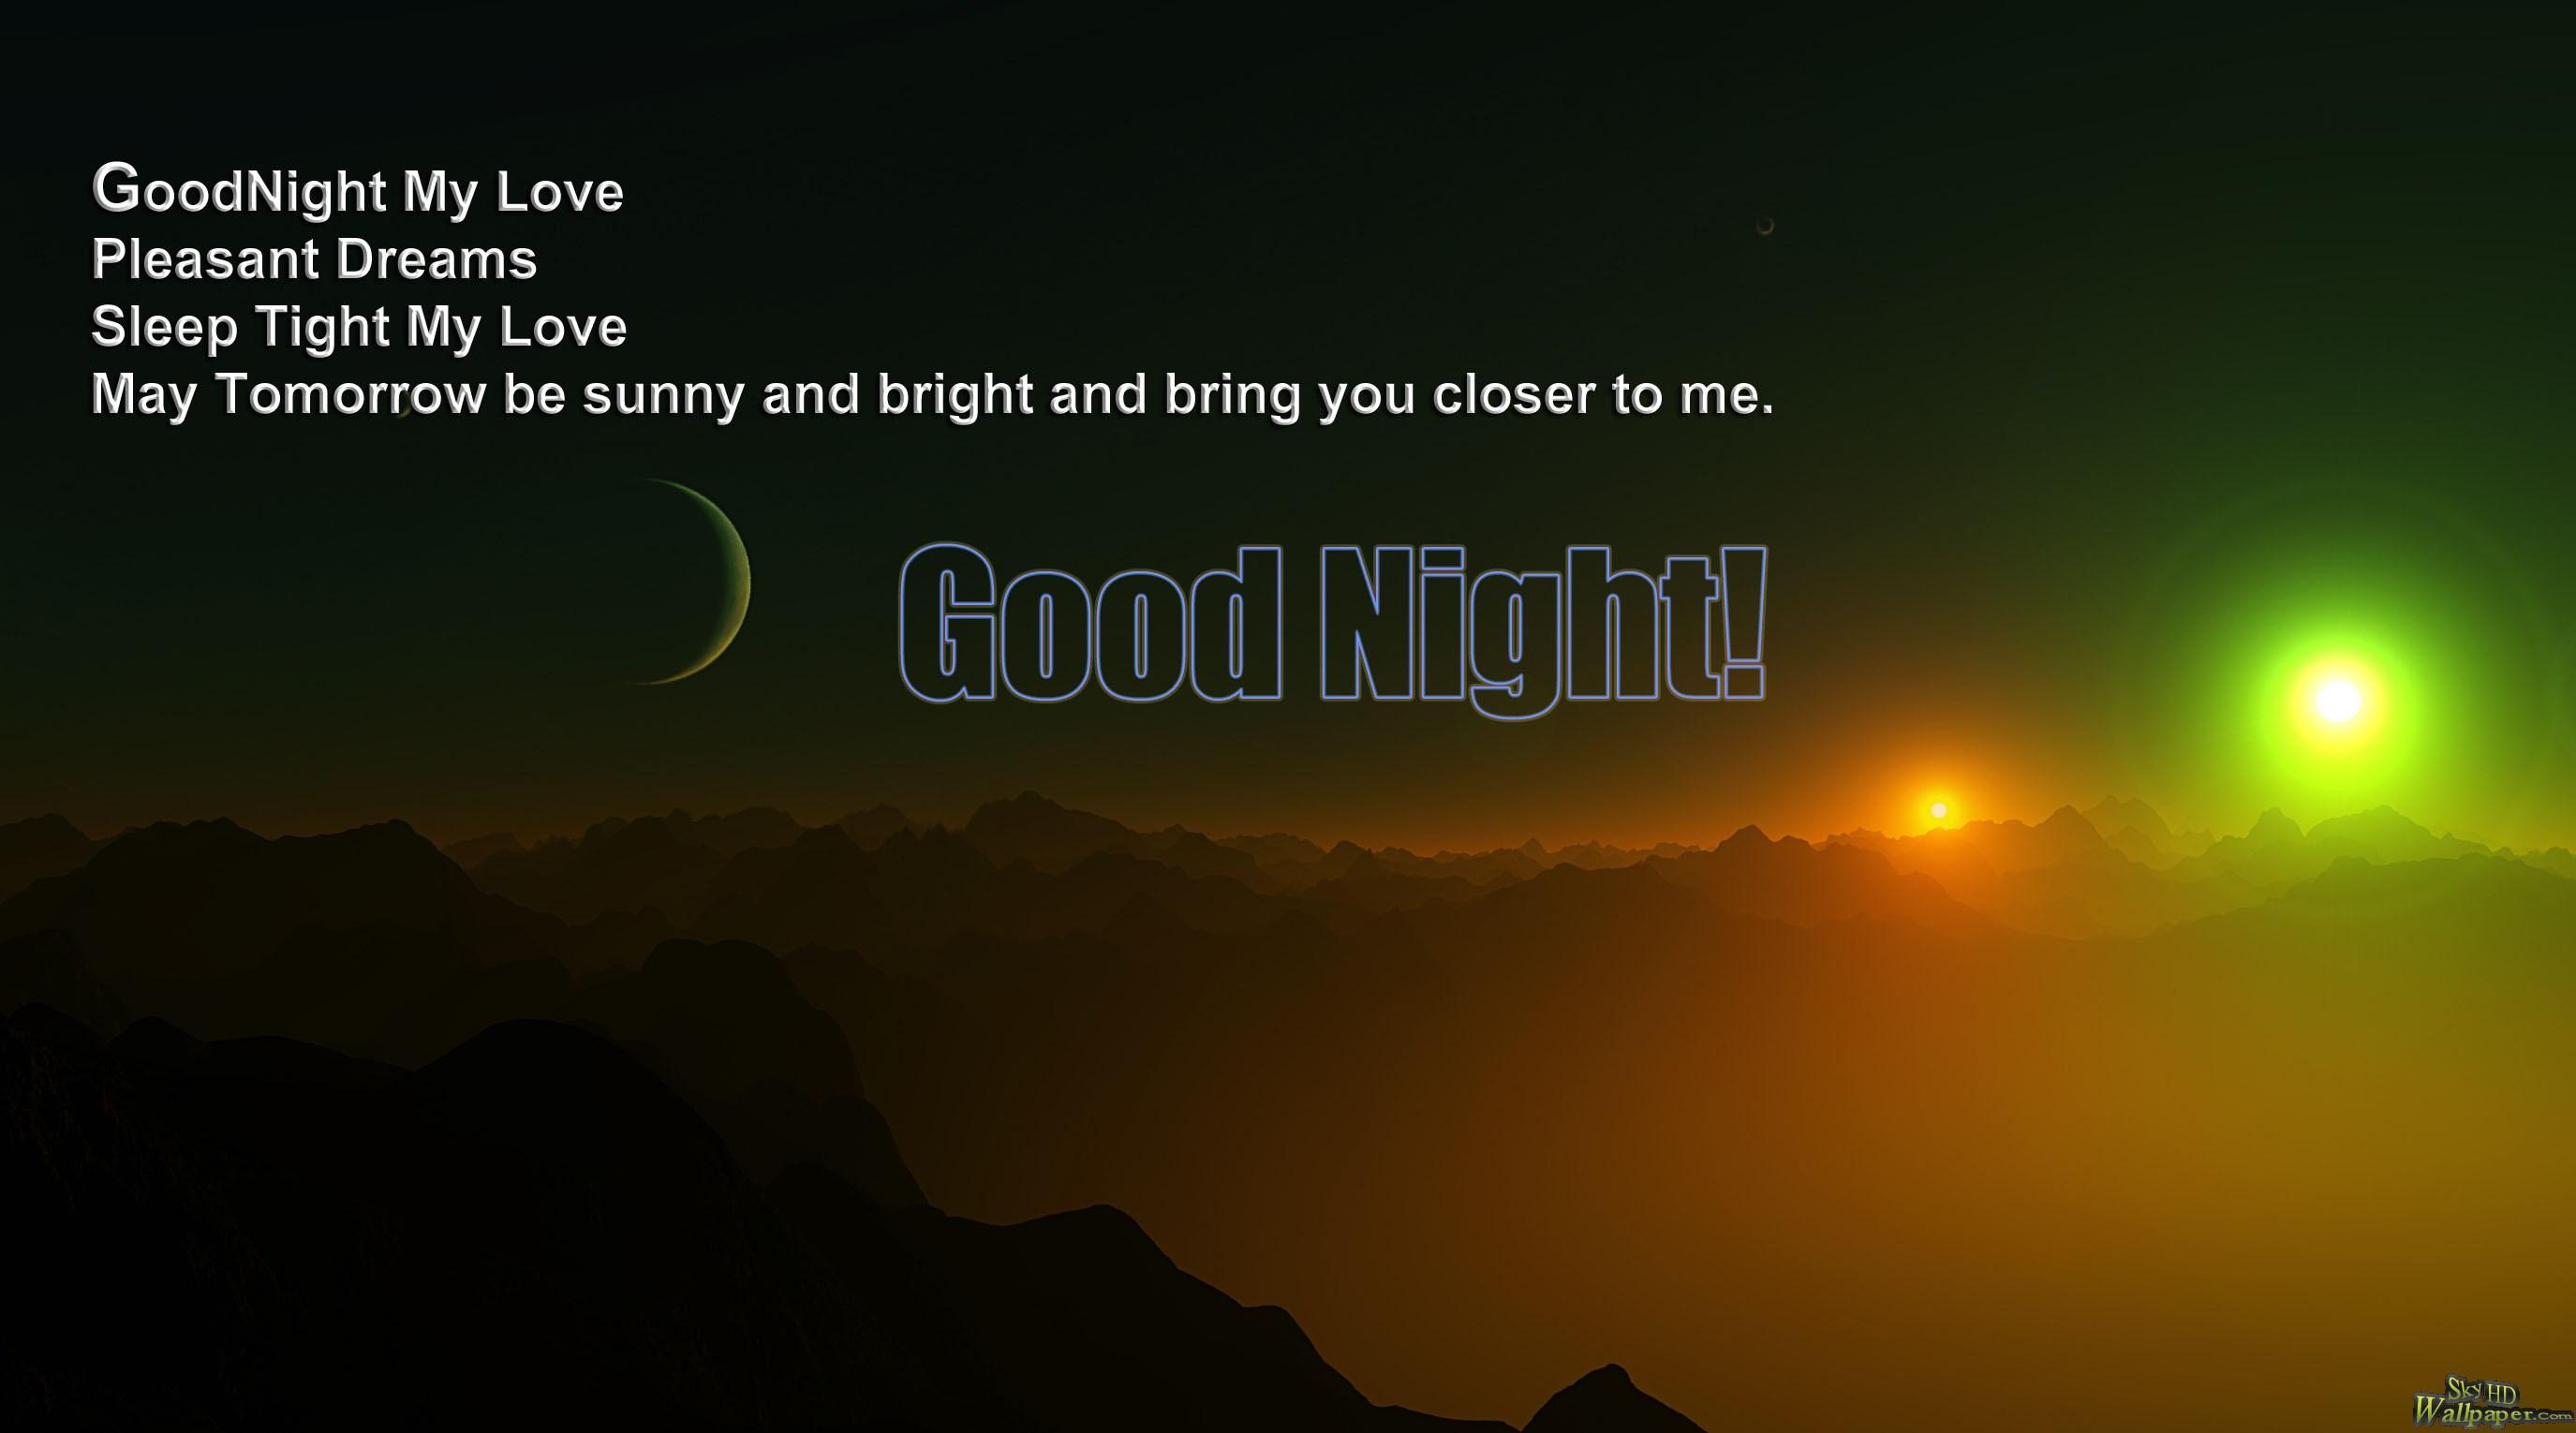 goodnight my love quotes quotesgram